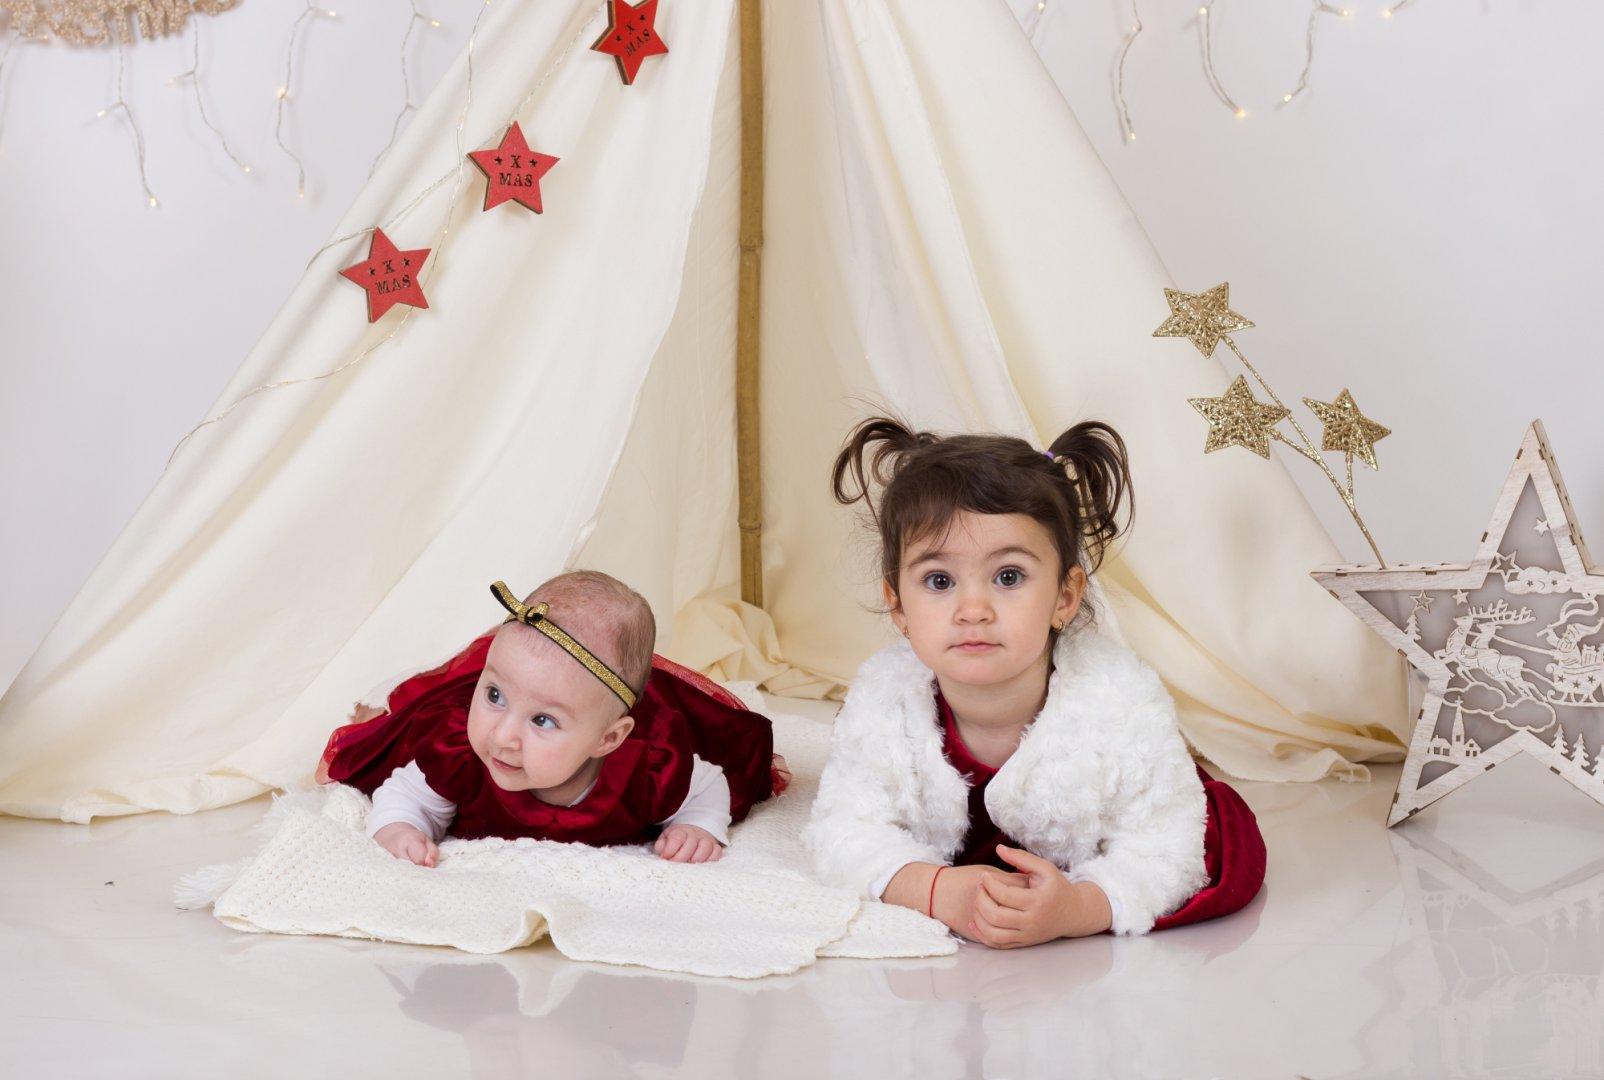 Това е първата съвместна Коледна фотосесия на двете сестри